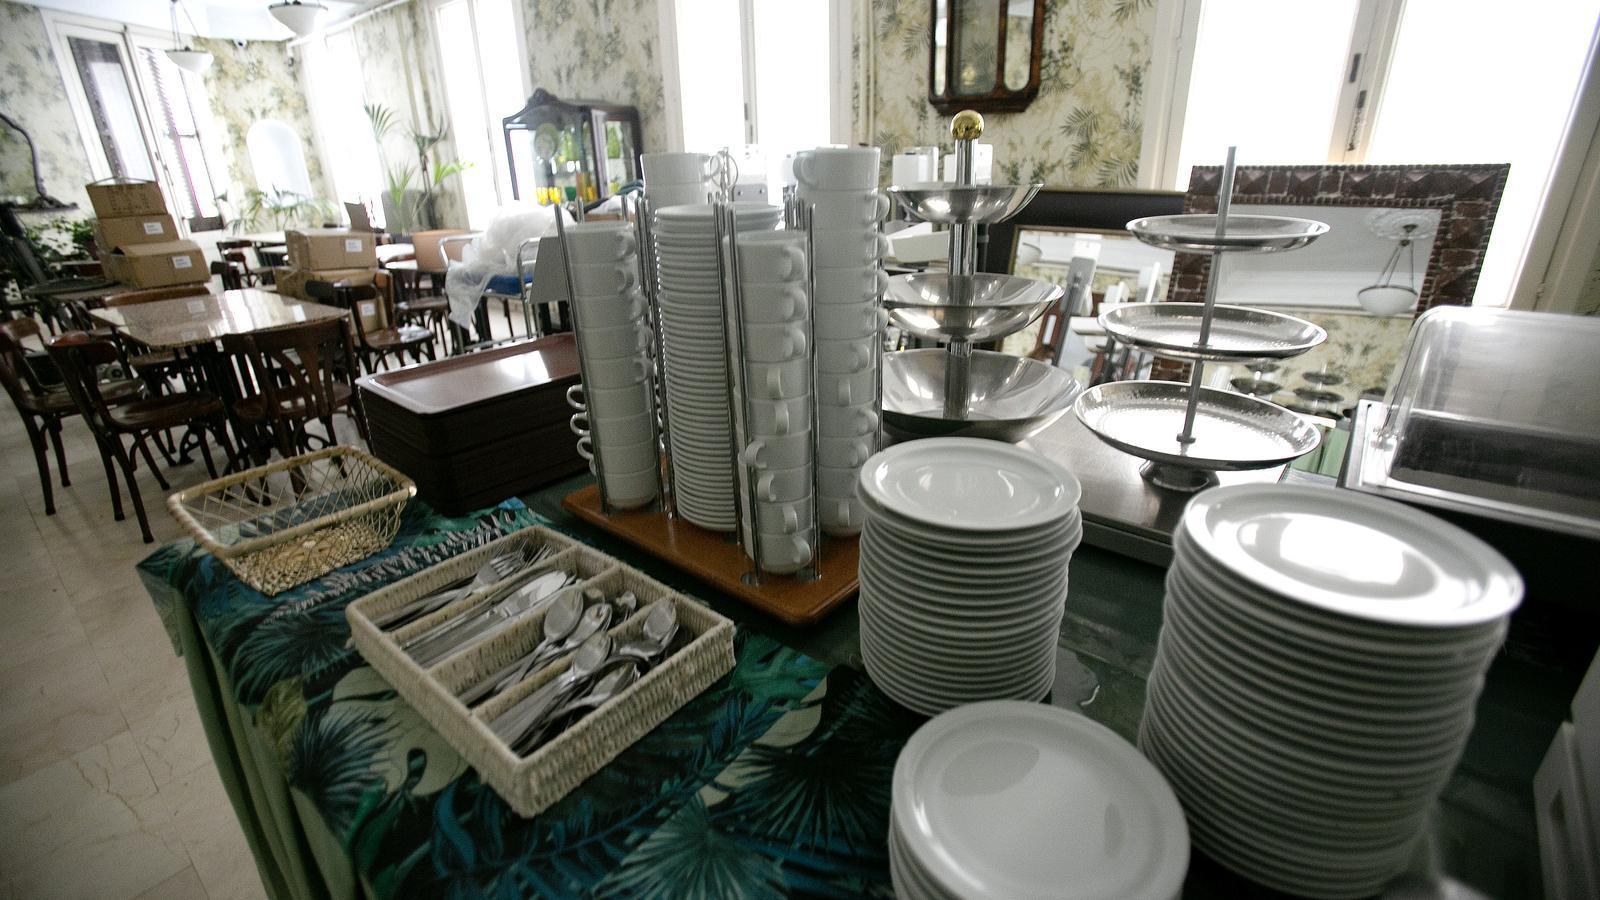 Al menjador de l'hotel ja està tot preparat, amb plats, tasses i coberts, perquè els clients esmorzin